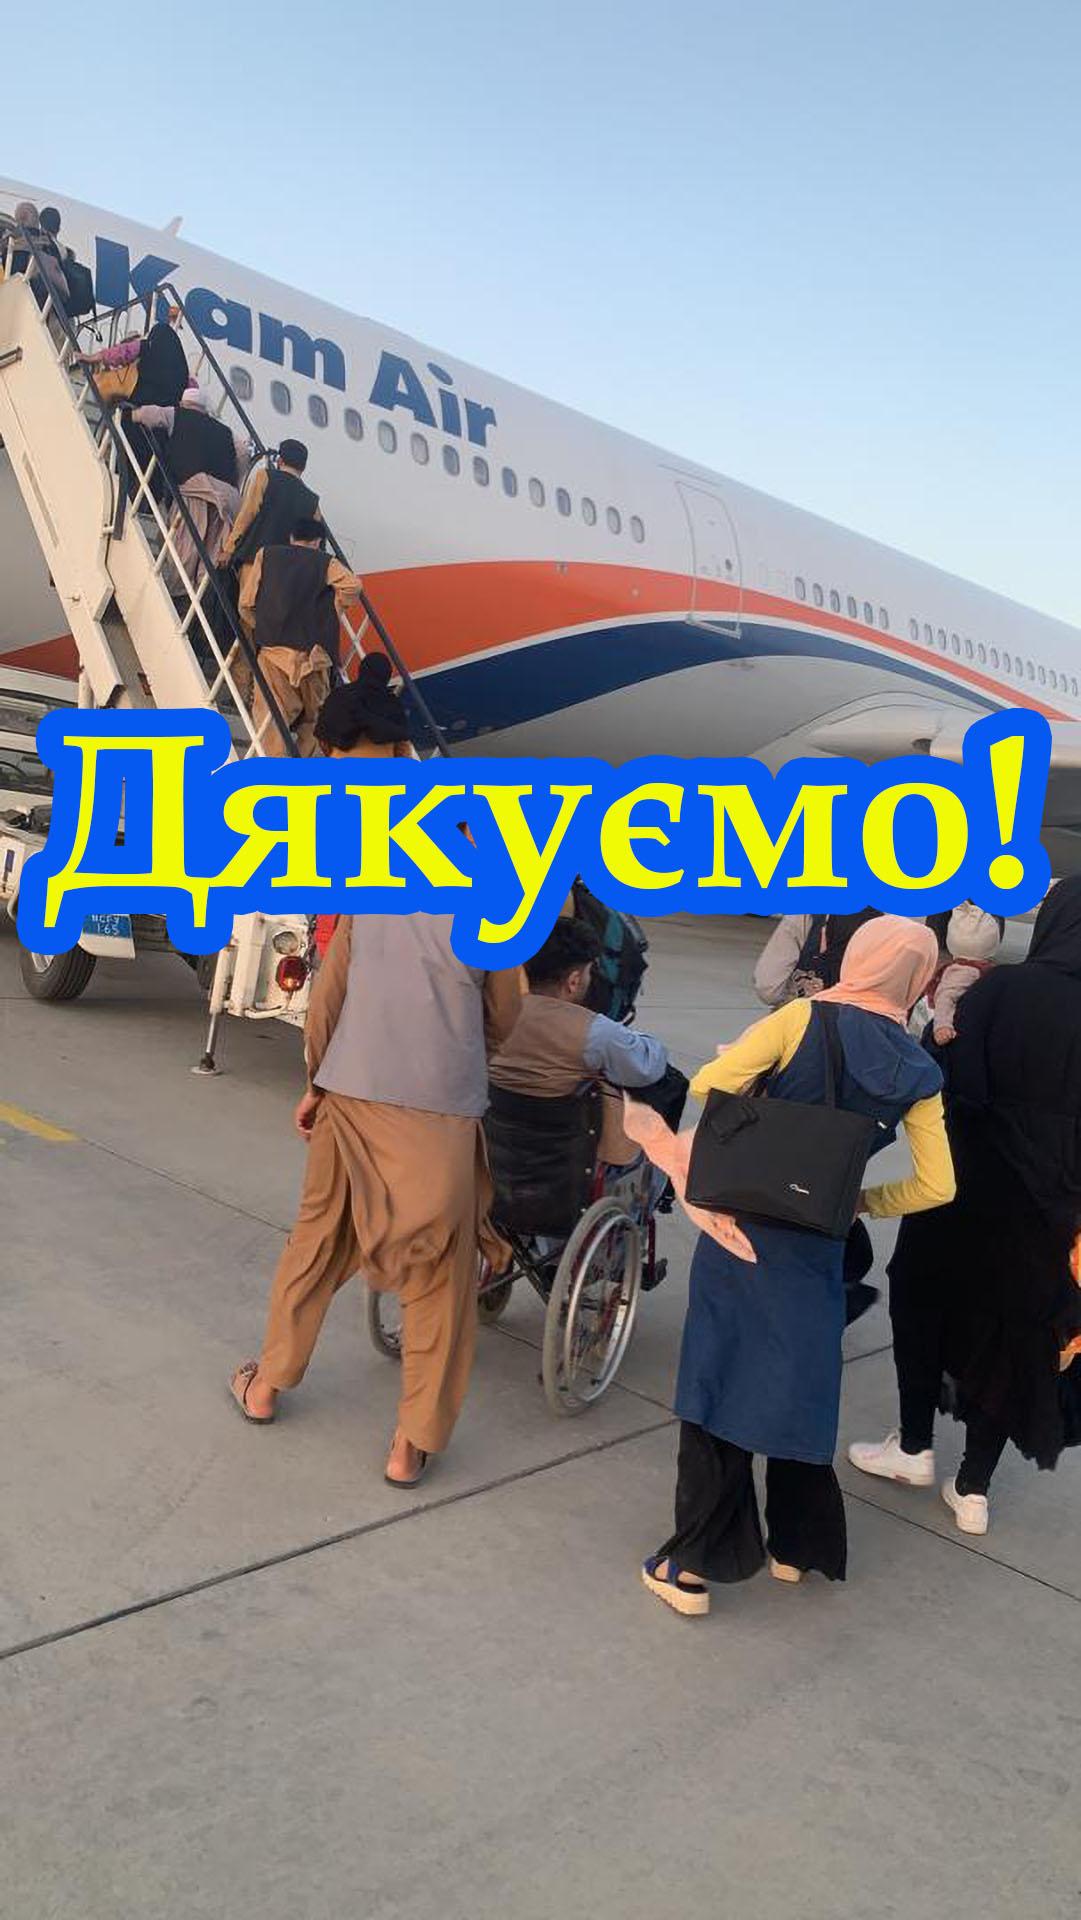 """""""Они сверхлюди""""Украинский спецназ произвел фурор в Афганистане: Афганцы и канадские СМИ рассказали о дерзкой операции в Кабуле """"были ошеломлены появлением украинского спецназа"""" 3"""